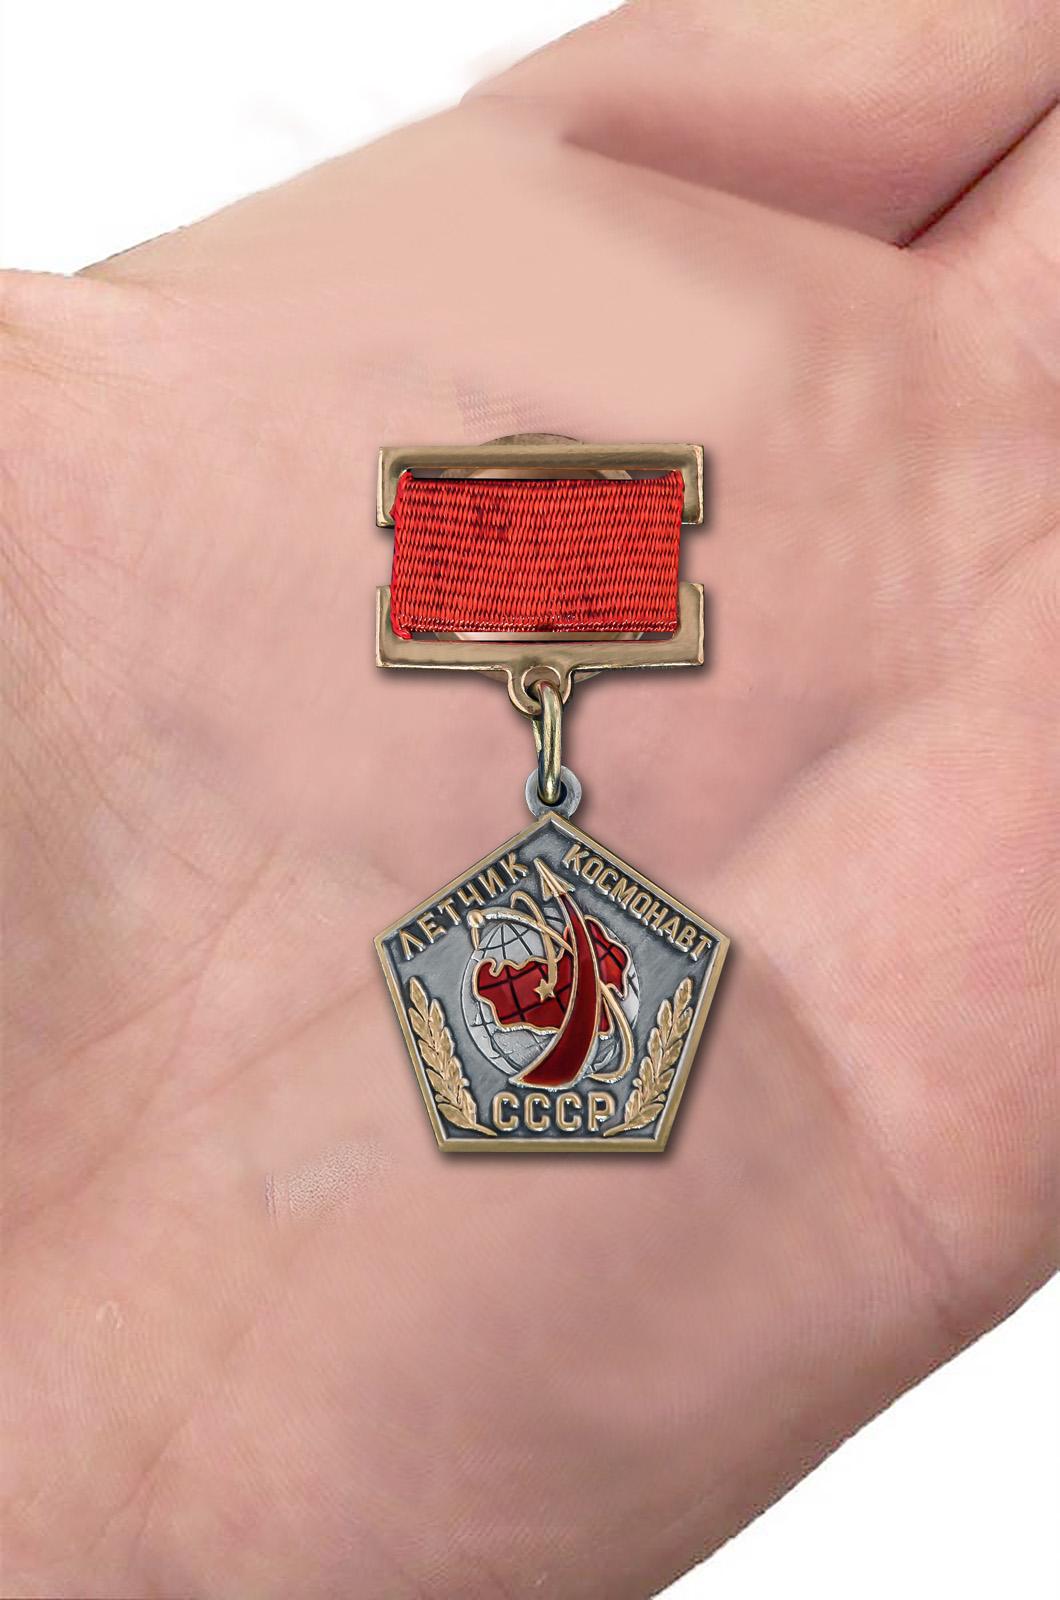 Нагрудный знак Летчик космонавт СССР - вид на ладони